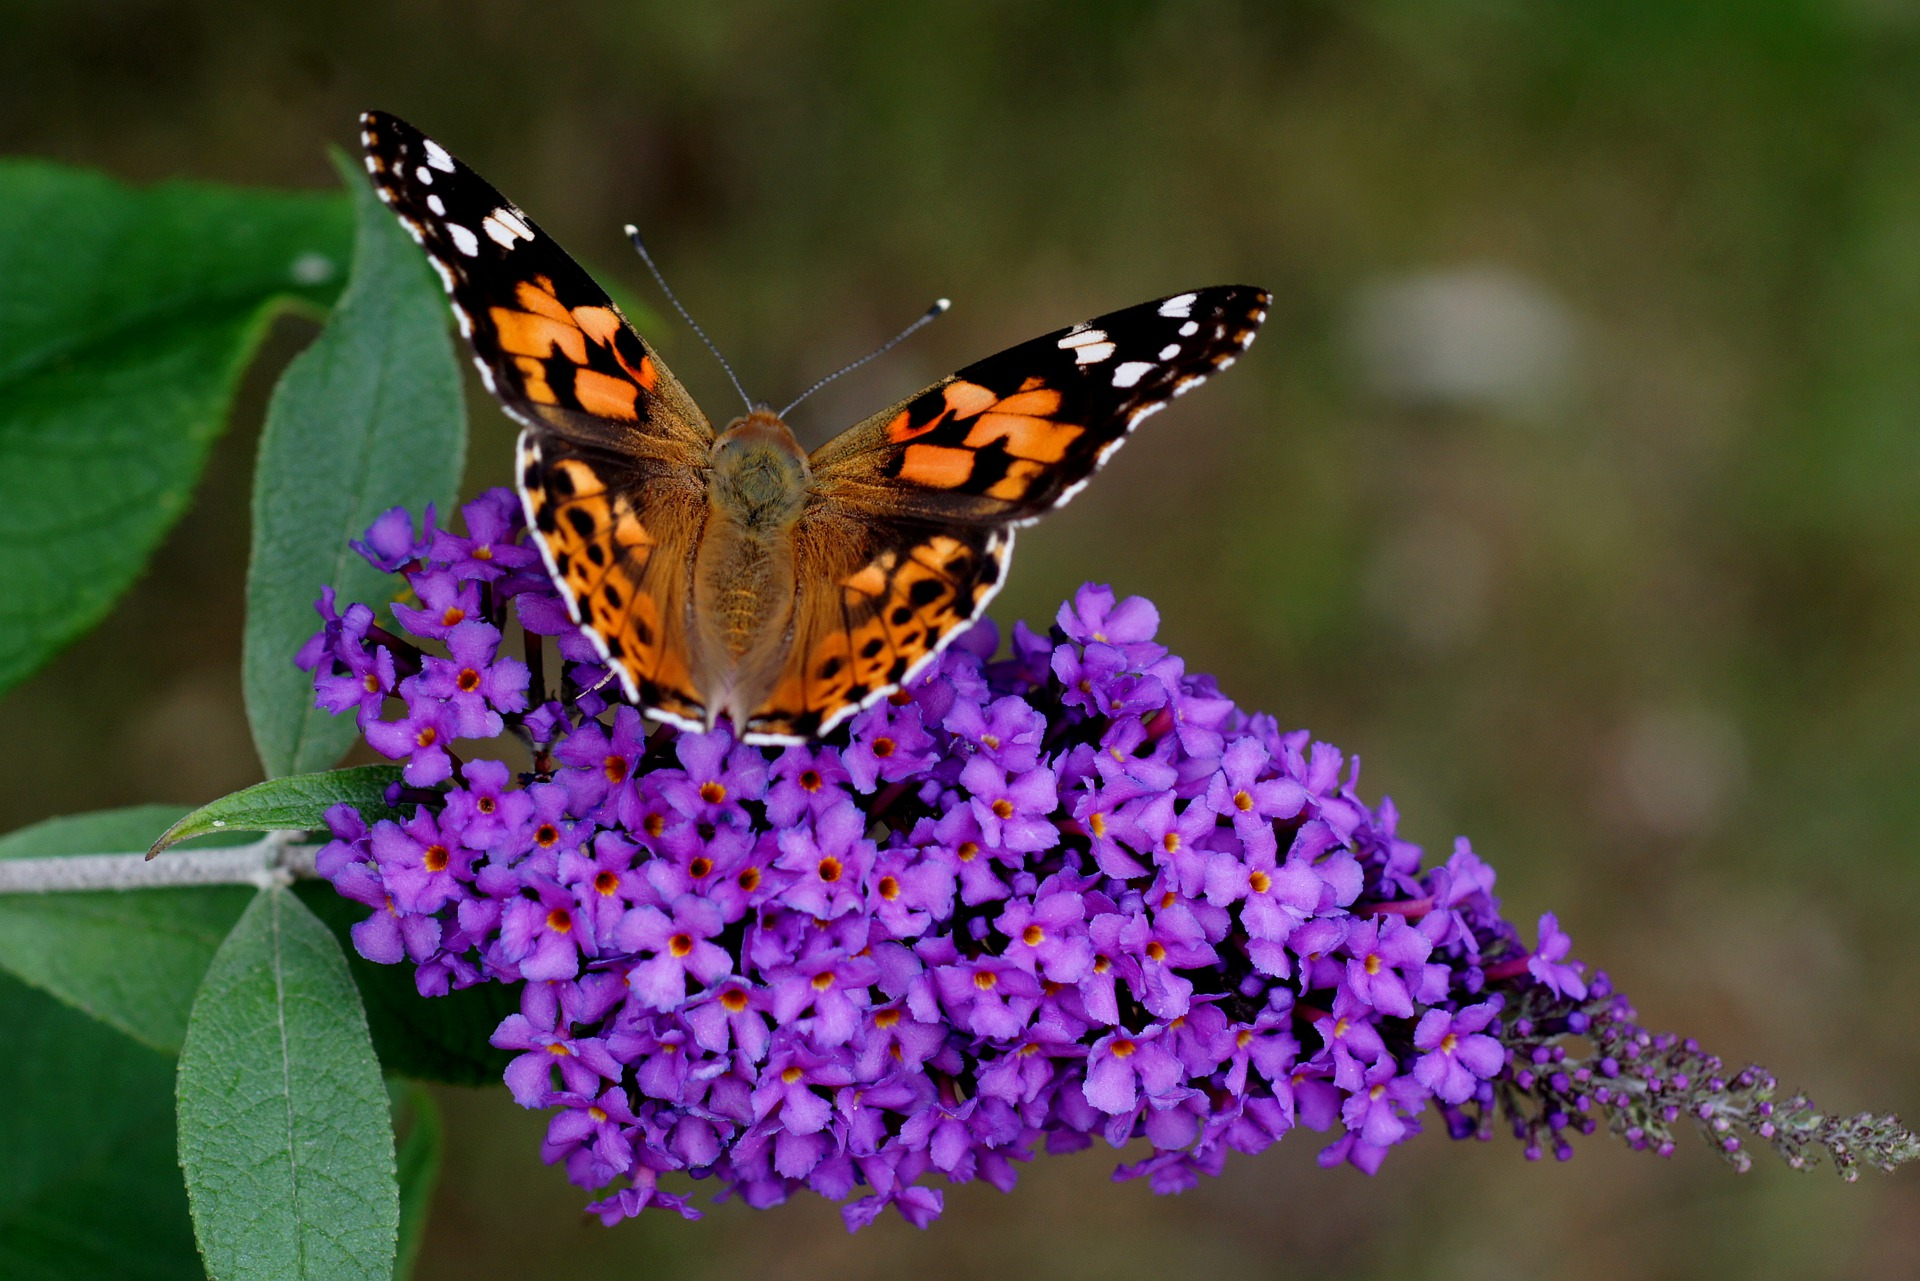 Hoe vlinderstruik snoeien en verzorgen?